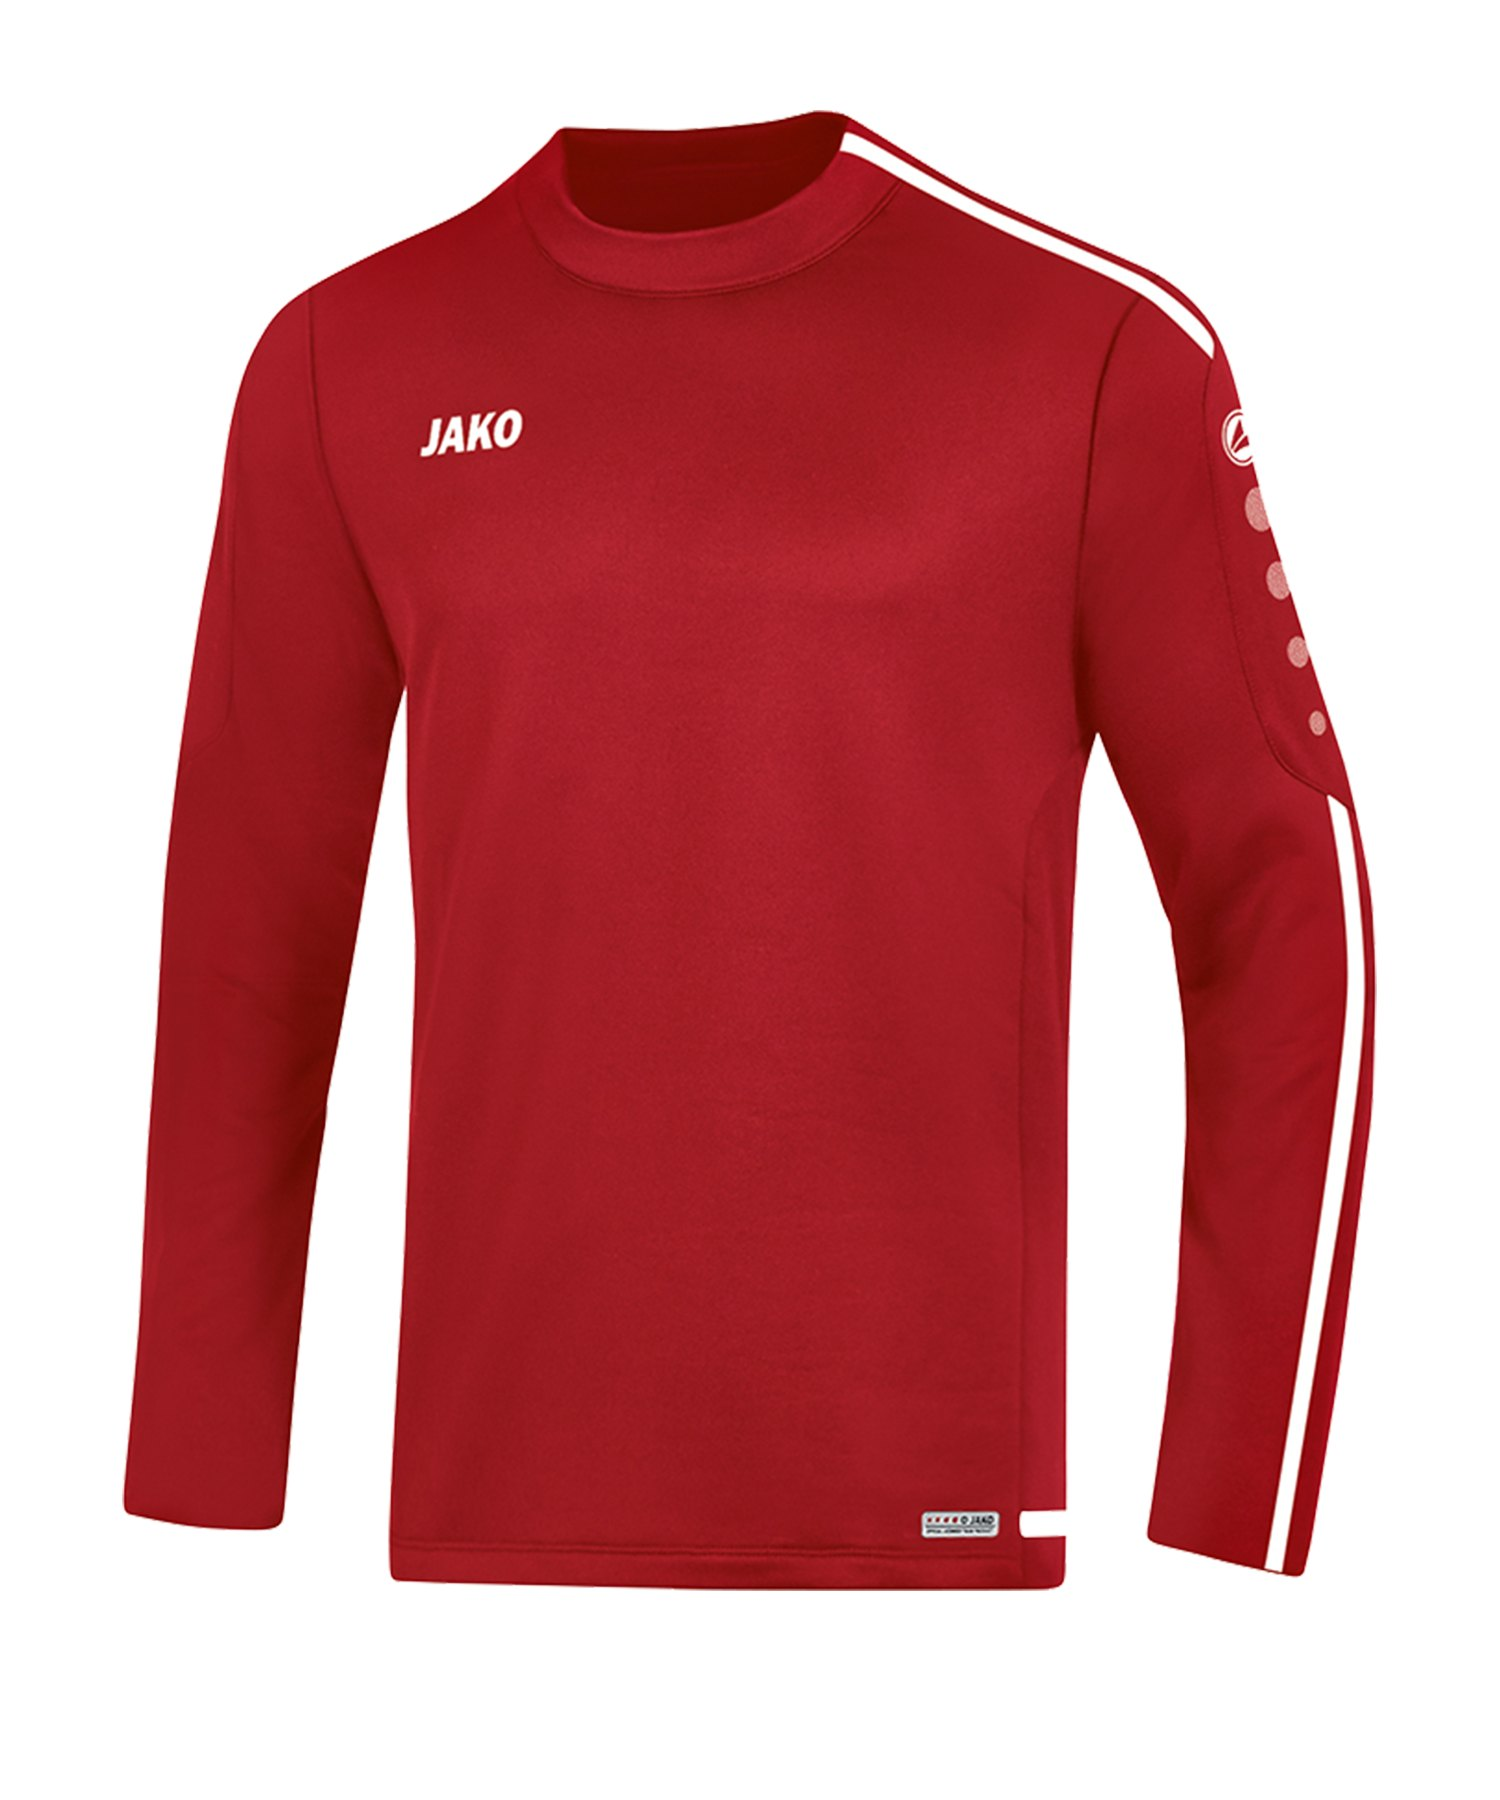 Jako Striker 2.0 Sweatshirt Kids Rot Weiss F11 - Rot